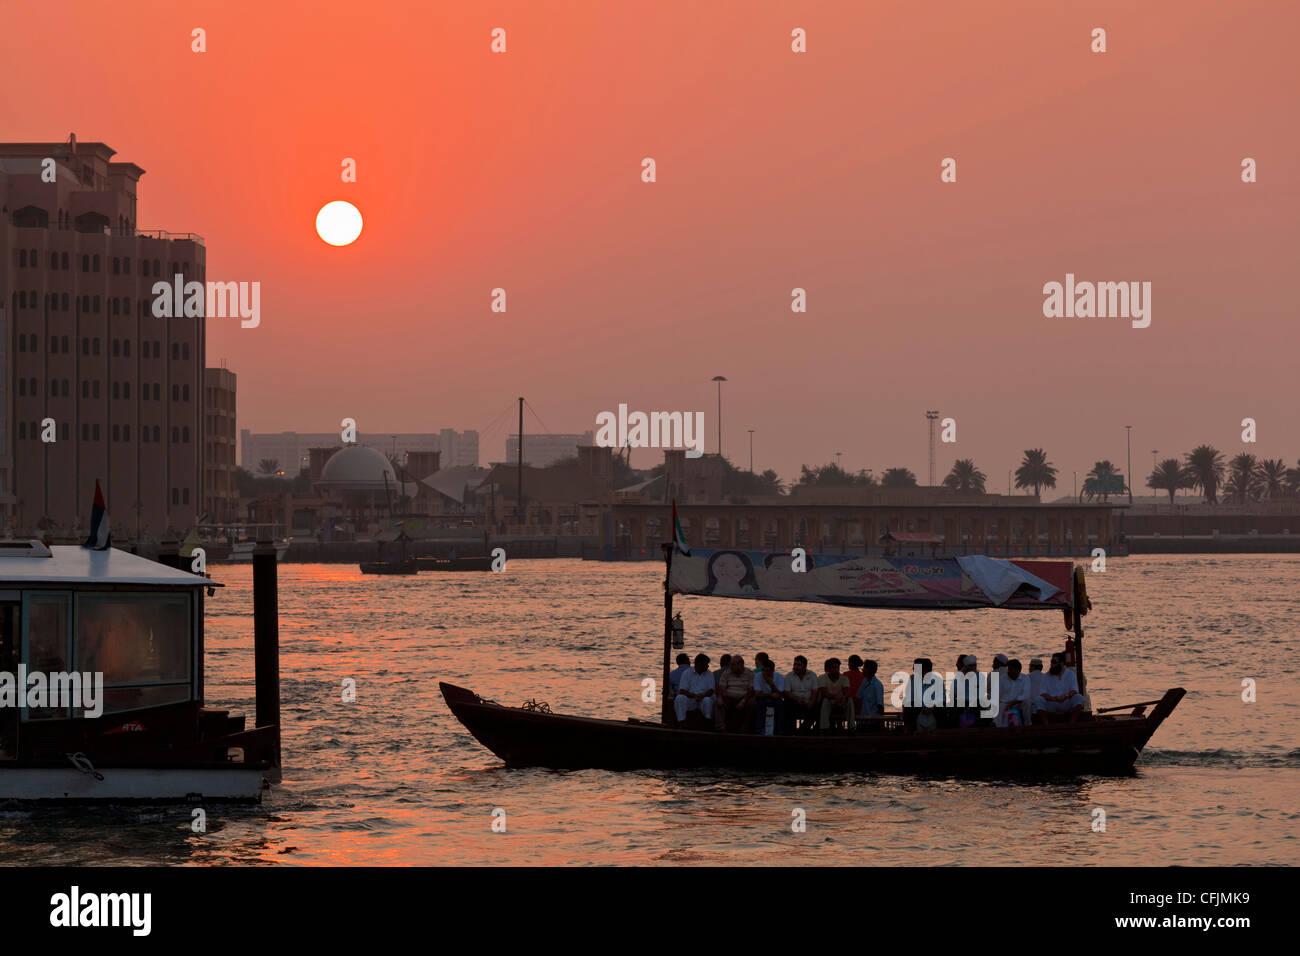 Abra Water taxi, Dubai Creek at sunset, Bur Dubai, Dubai, United Arab Emirates, Middle East - Stock Image